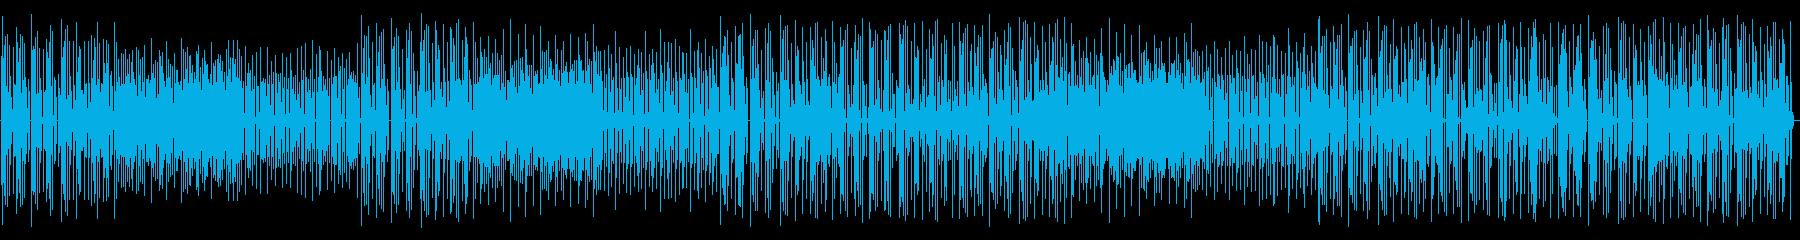 クラシックビデオゲームの音楽を連想...の再生済みの波形